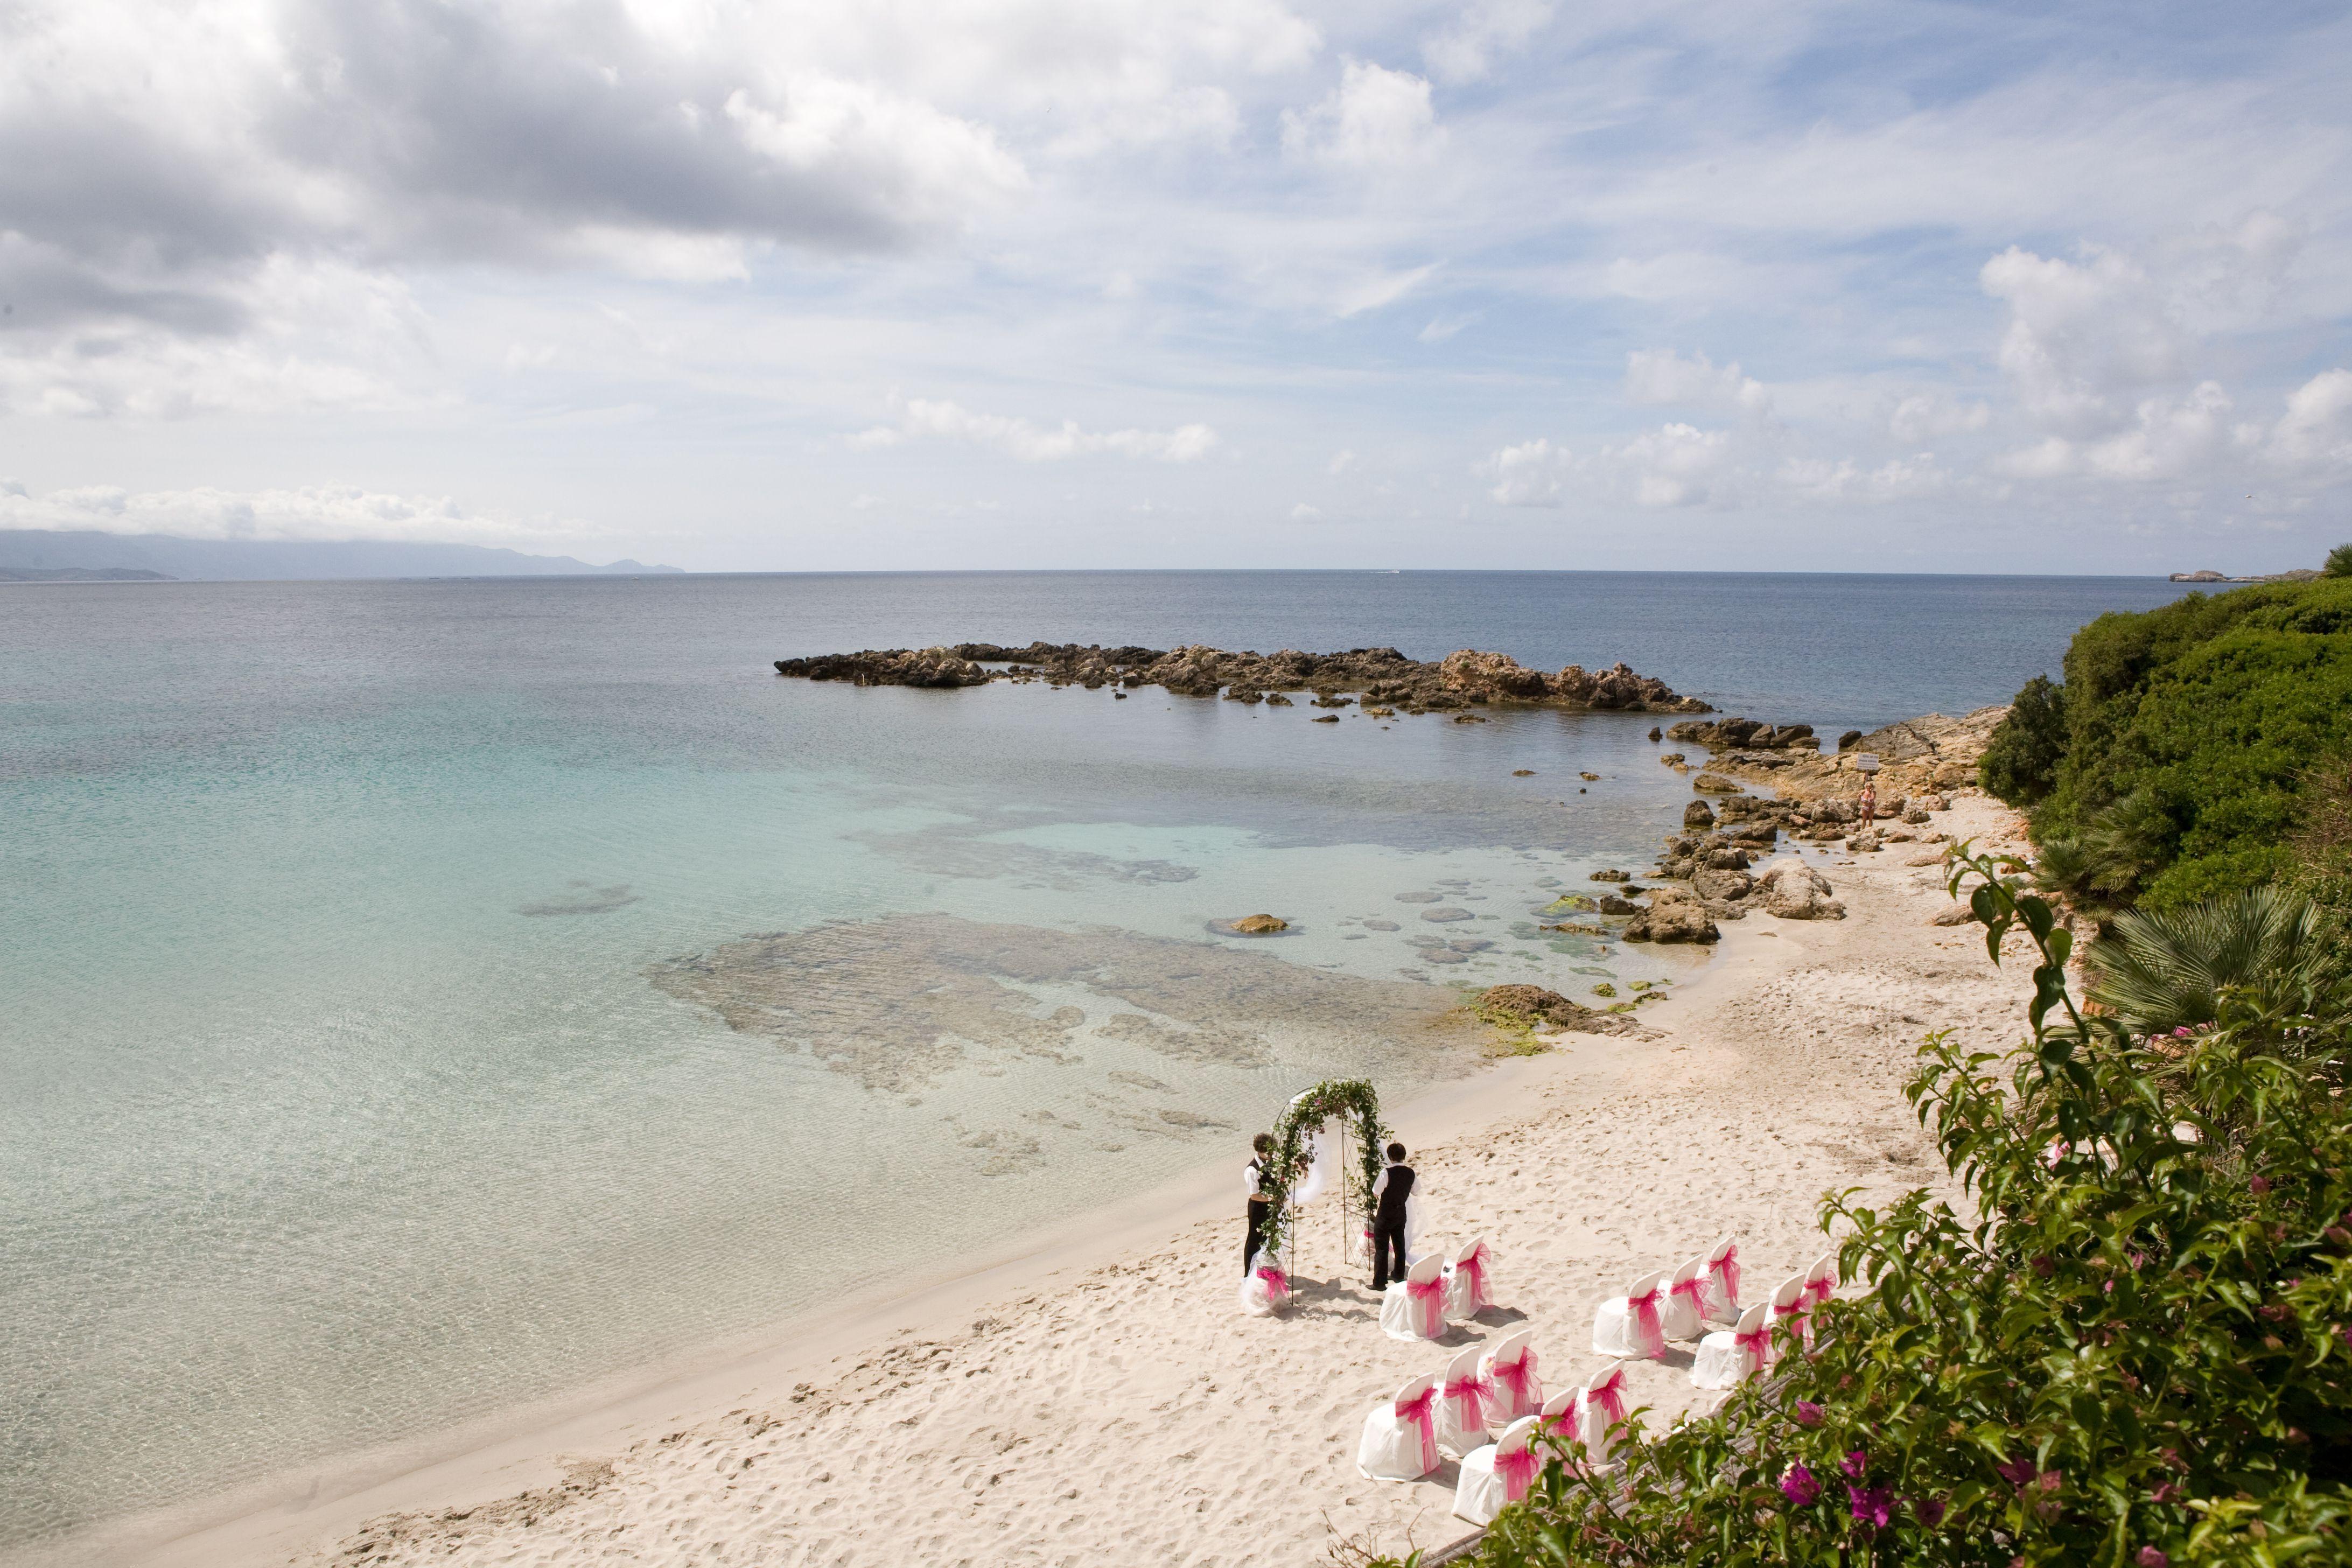 Matrimonio Spiaggia Alghero : Preparazione di una cerimonia simbolica in una splendida spiaggia